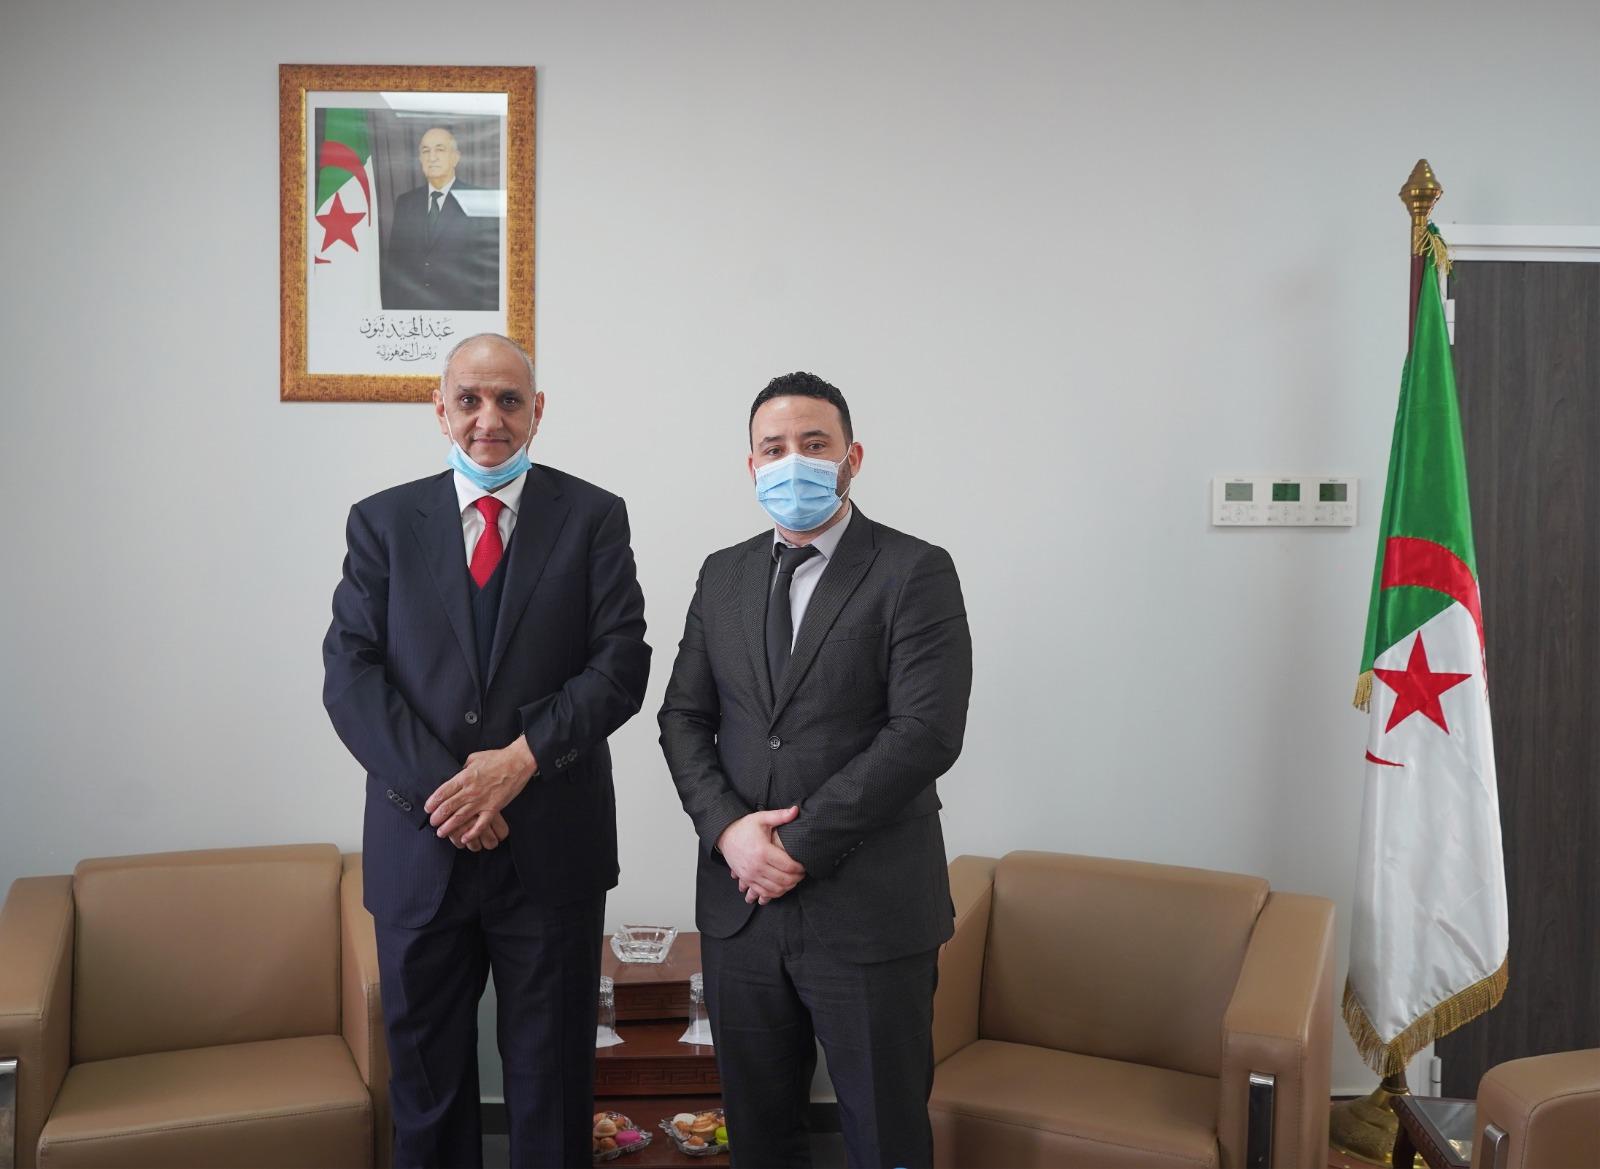 الوزير المنتدب لدى الوزير الأول المكلف بالمؤسسات المصغرة بالجزائر يجتمع مع سفير دولة قطر